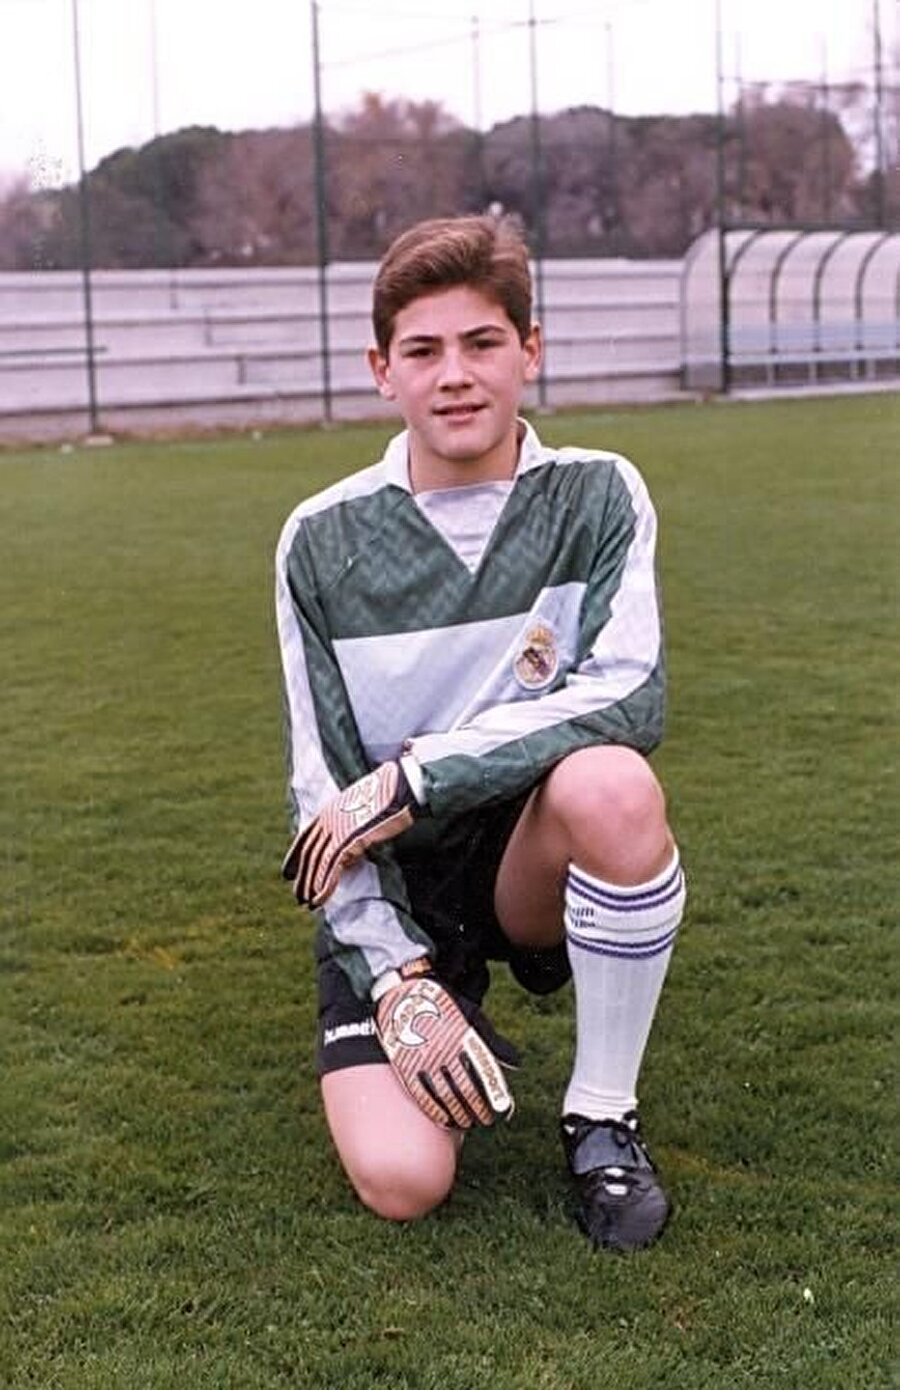 Babası memur annesi ise kuaför olanve Unai isimli bir erkek kardeşi olan Casillas, Madrid doğumlu olması sebebiyle futbola da Real Madrid altyapısında başladı.